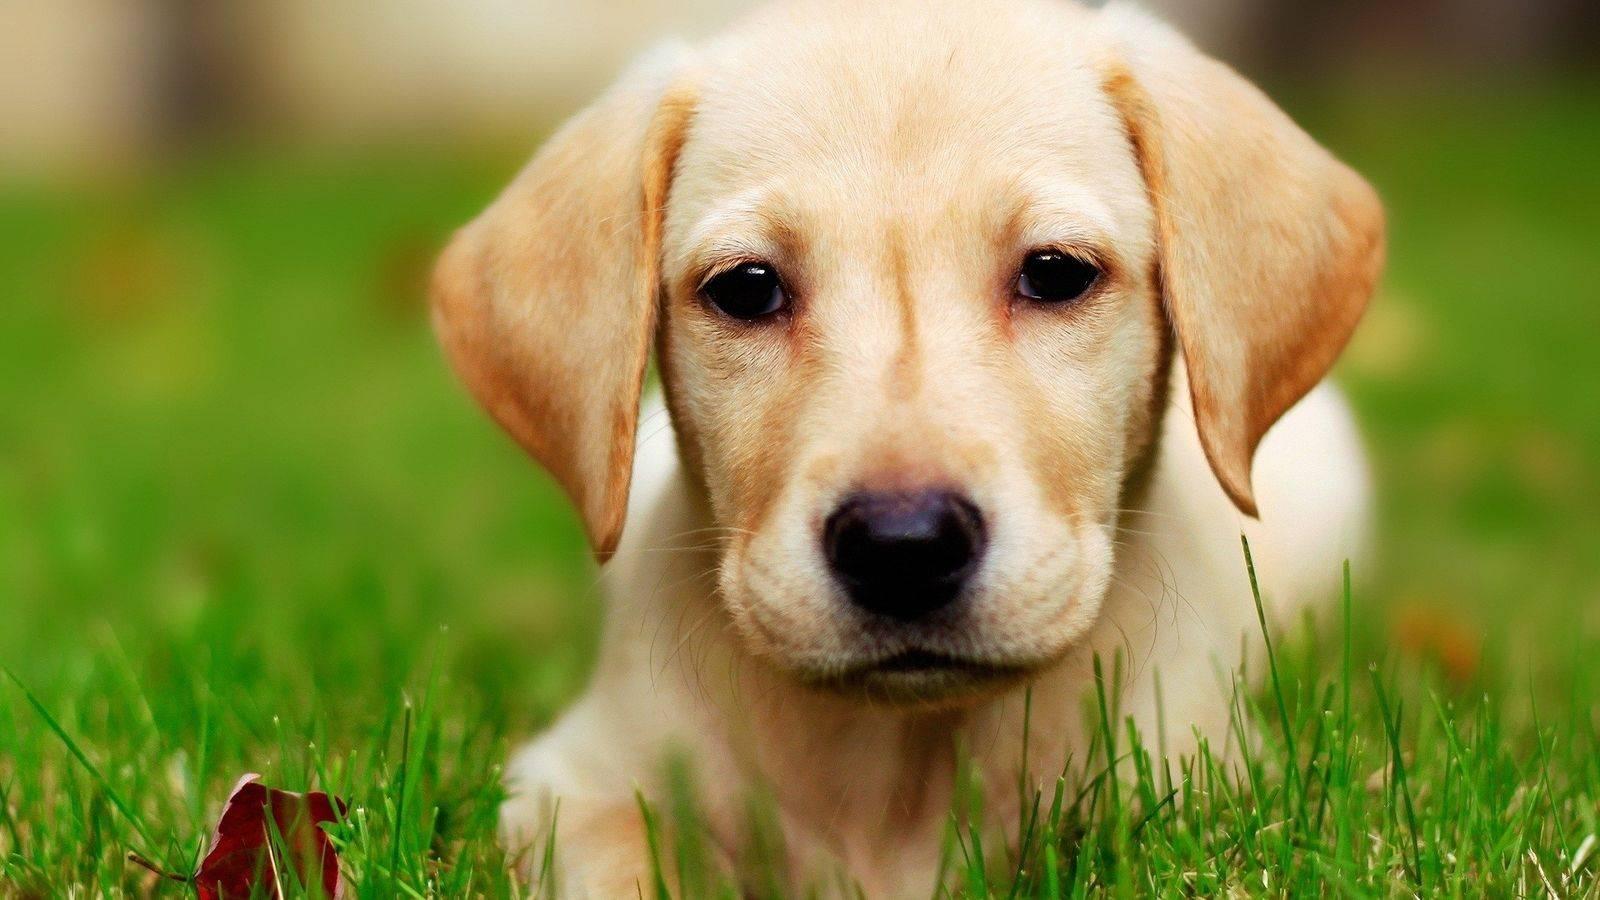 拉布拉多犬有哪些特征_拉布拉多的特点  小拉布拉多 拉布拉多 拉布拉多犬 拉布拉多介绍 第2张